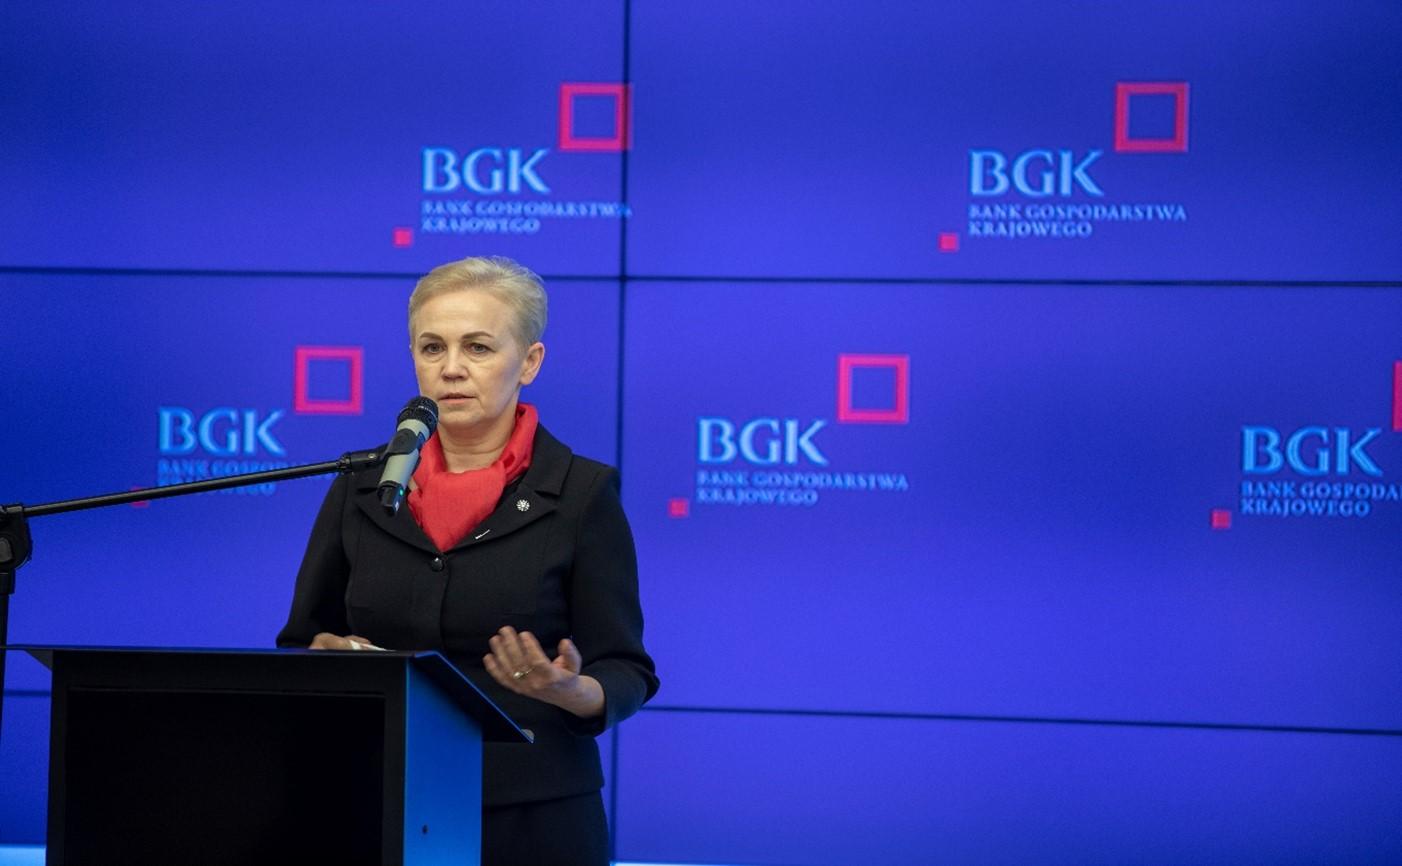 Fot. Beata Daszyńska-Muzyczka, prezes Banku Gospodarstwa Krajowego